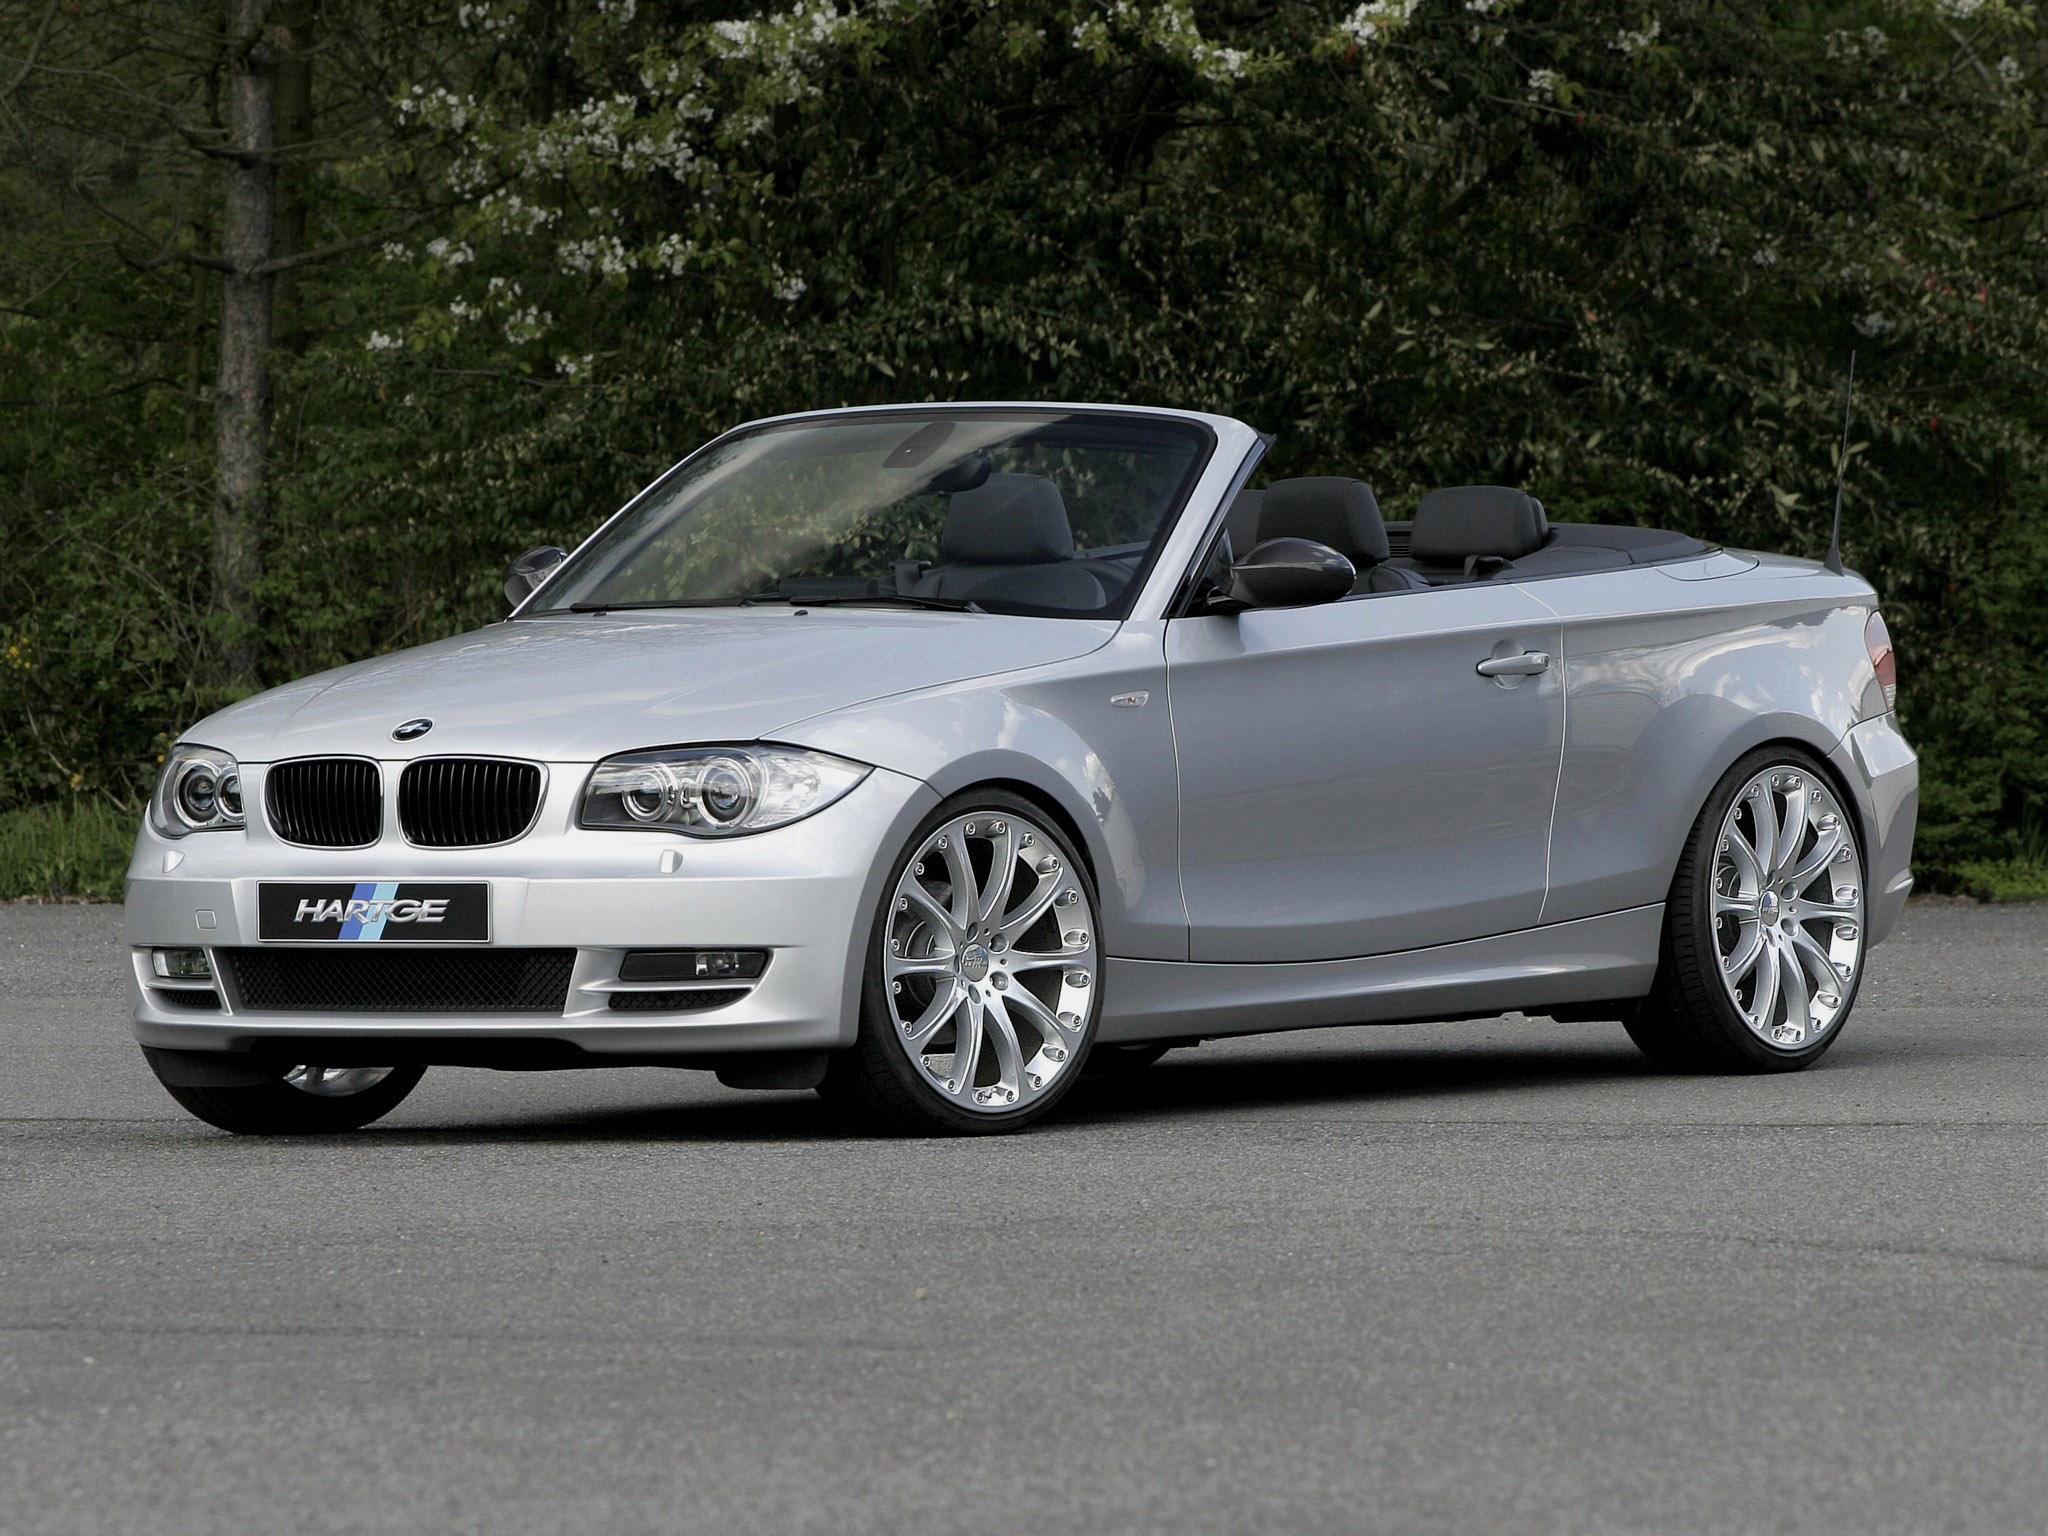 BMW 1-Series 135i Cabrio E88 2008 Hartge BMW 1-Series 135i Cabrio E88 ...